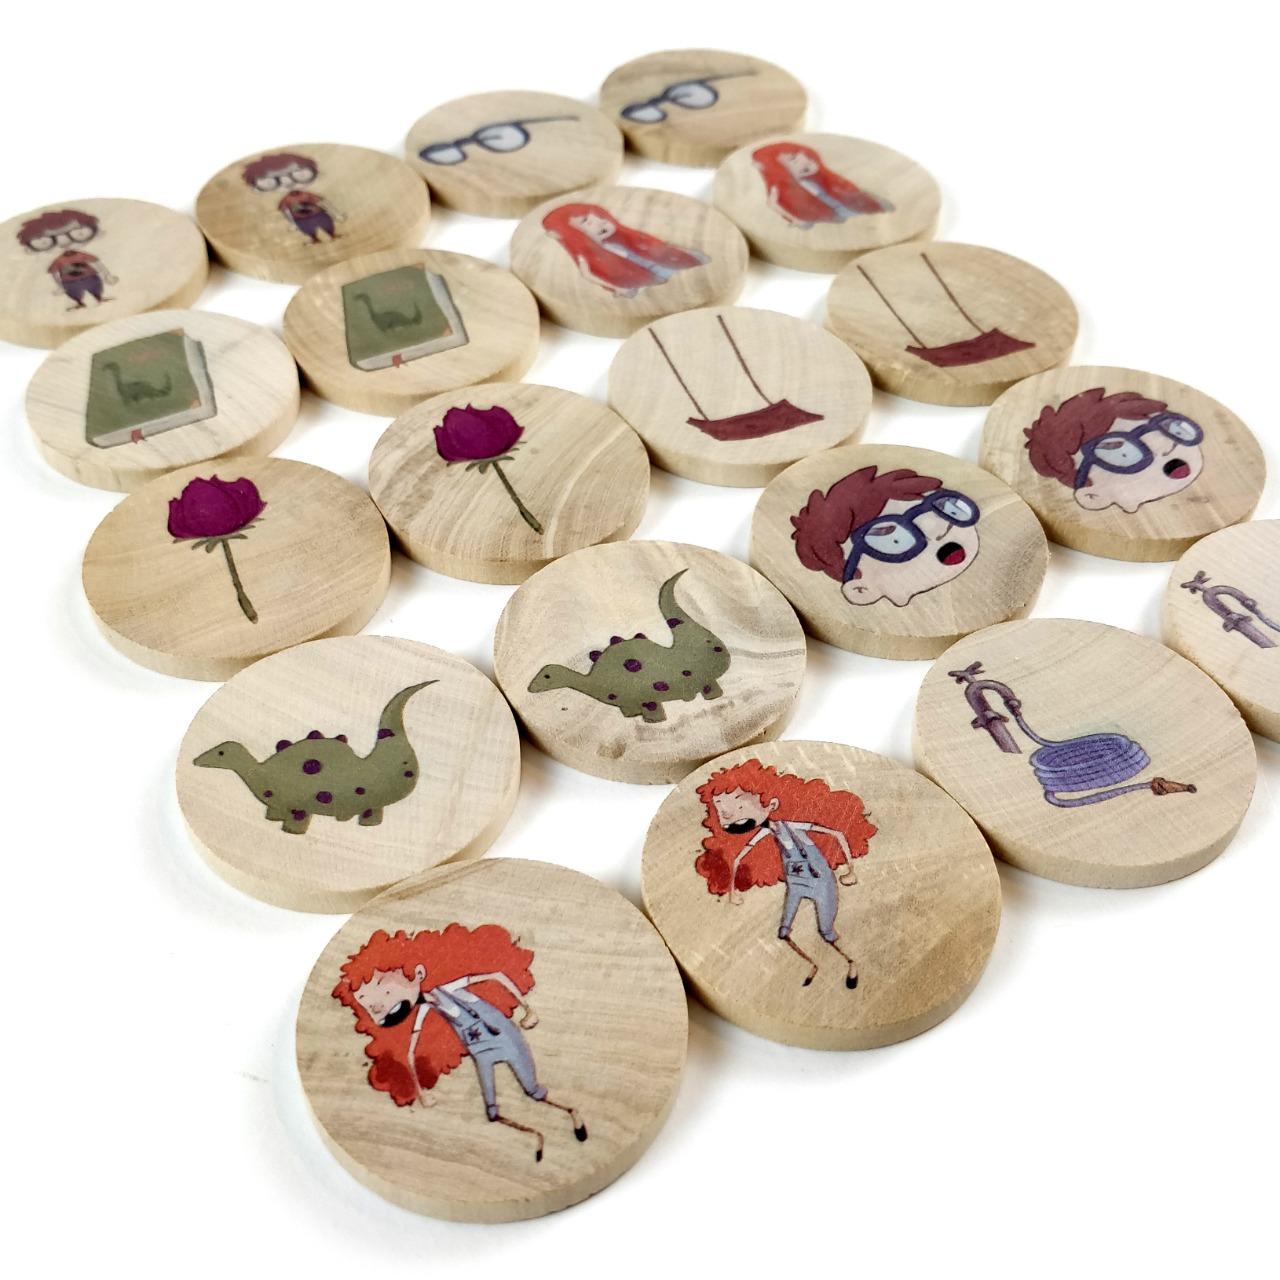 KIT  3 livros O Menino que se escondia + JOGO da memória + brinde  - Elefante Colorido Brinquedos Educativos